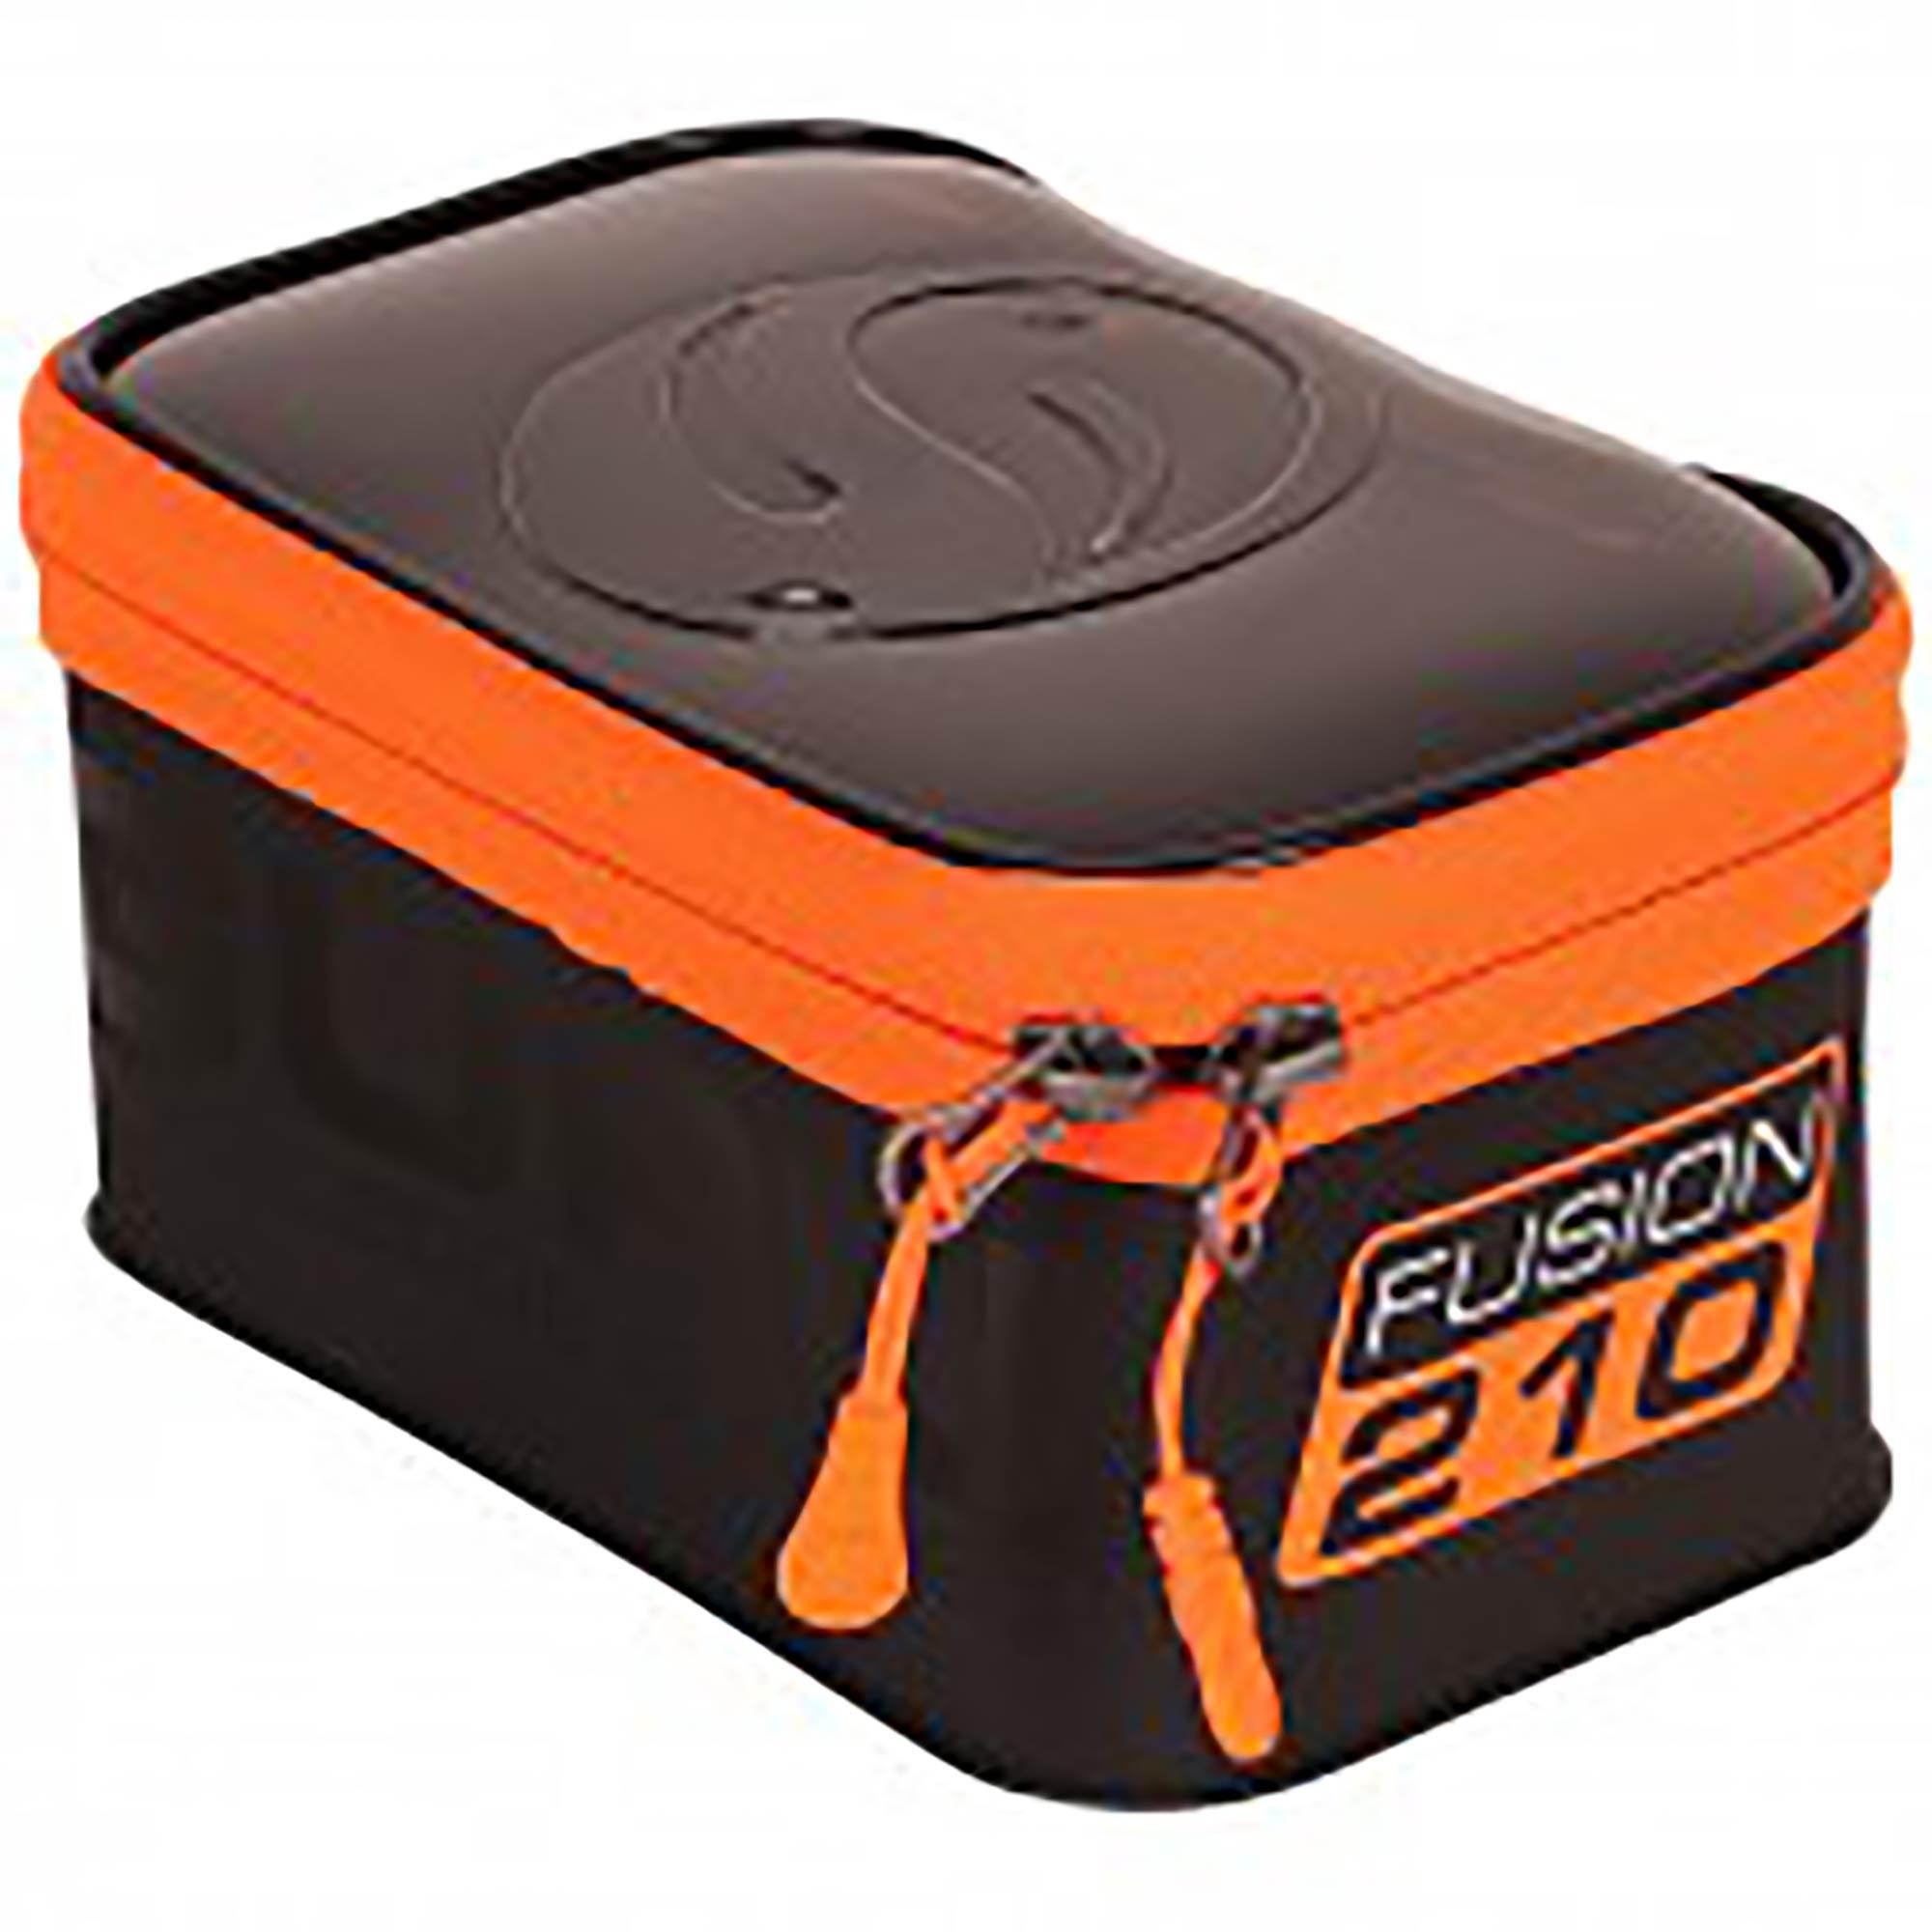 Astuccio Fusion 210 (extra-small) GURU